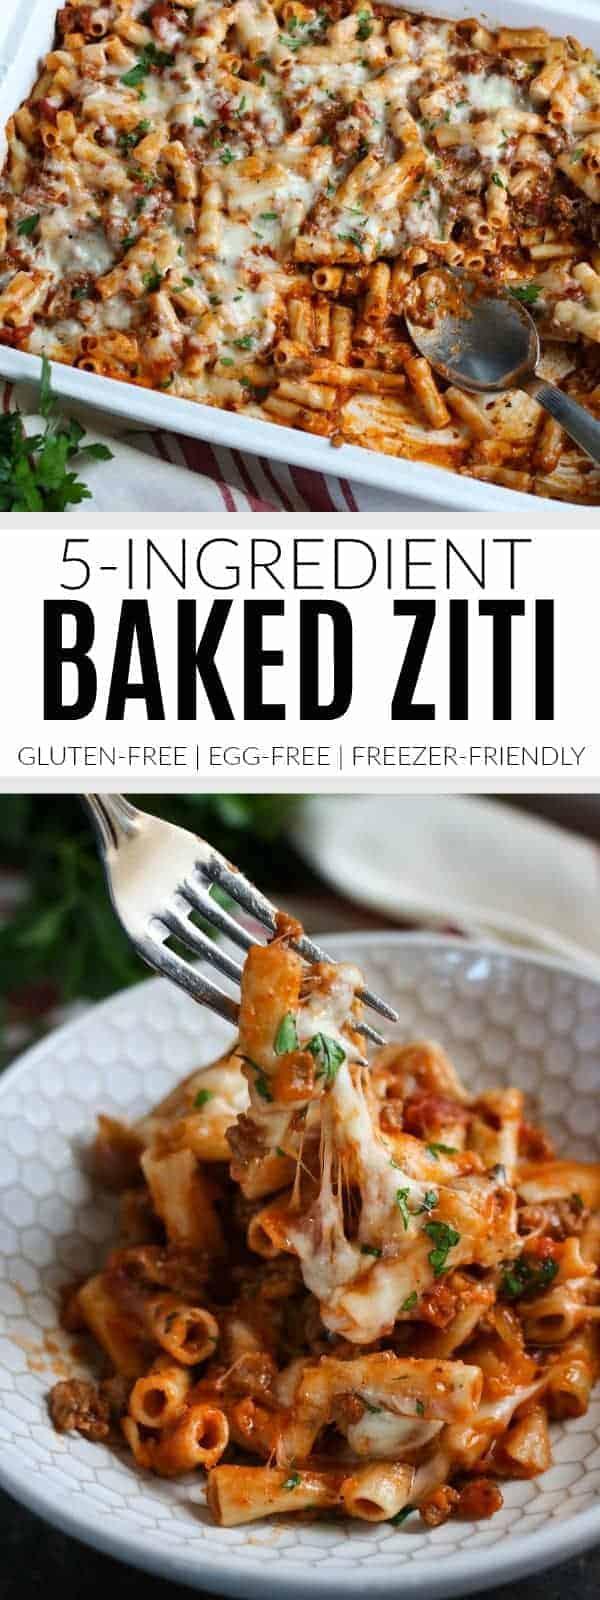 Gluten-free Baked Ziti